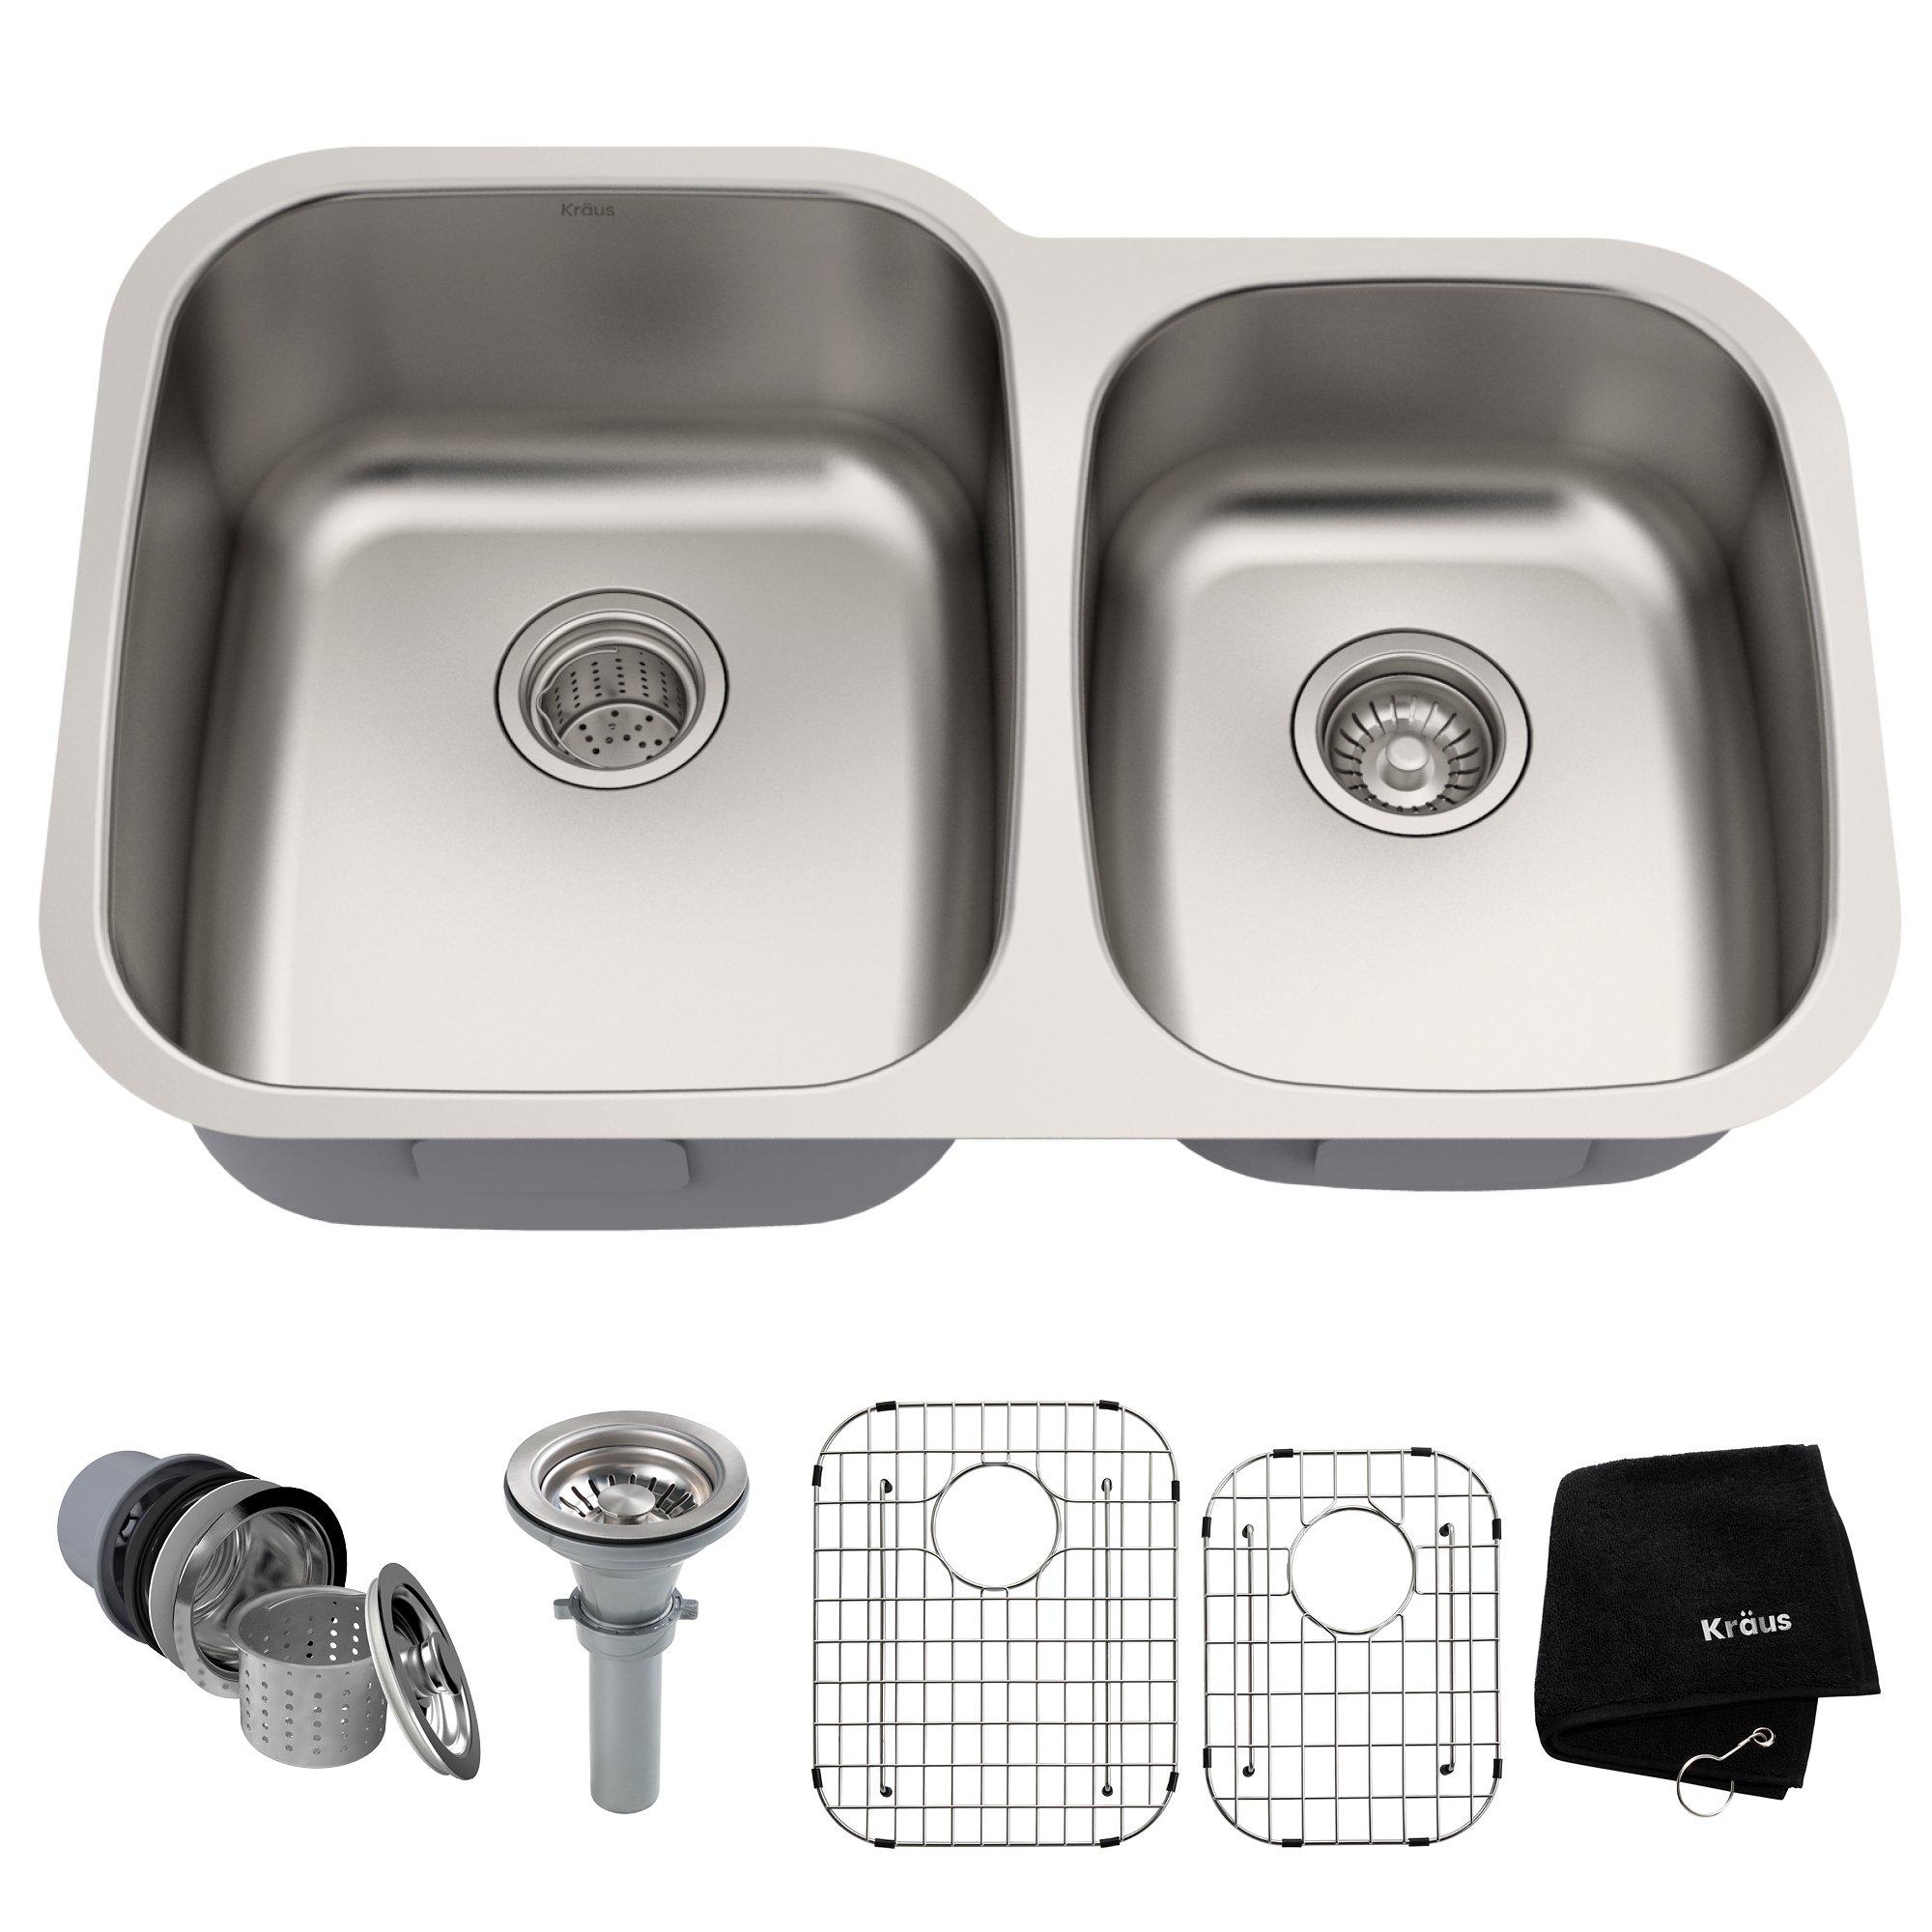 Kraus KBU24 32 inch Undermount 60/40 Double Bowl 16 gauge Stainless Steel Kitchen Sink by Kraus (Image #1)